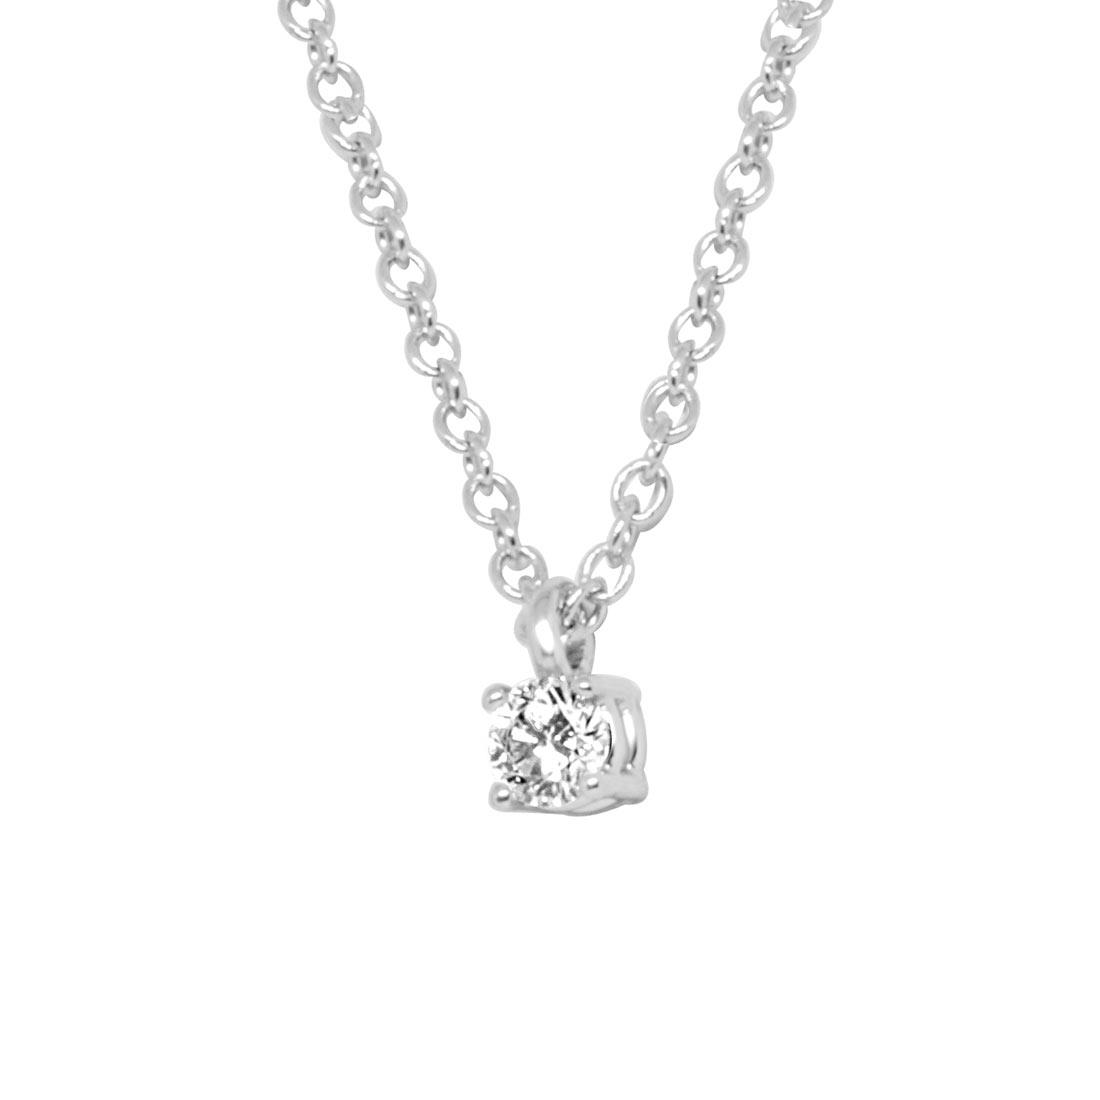 Collier in oro bianco con diamante 0.16 ct - ALFIERI ST JOHN